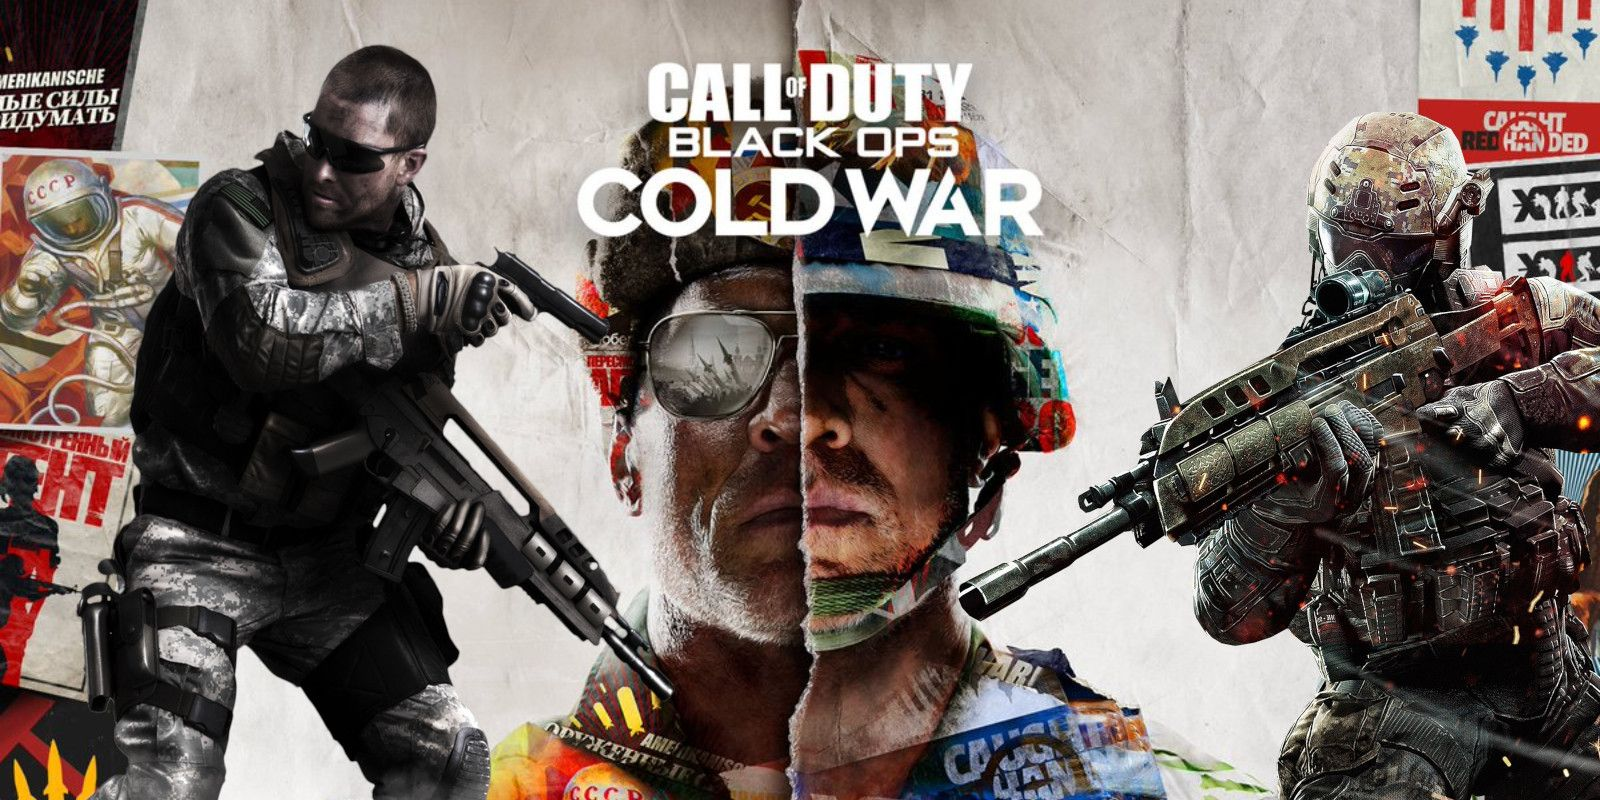 بخش زامبی بازی Call Of Duty: Black Ops Cold War در انحصار پلی استیشن